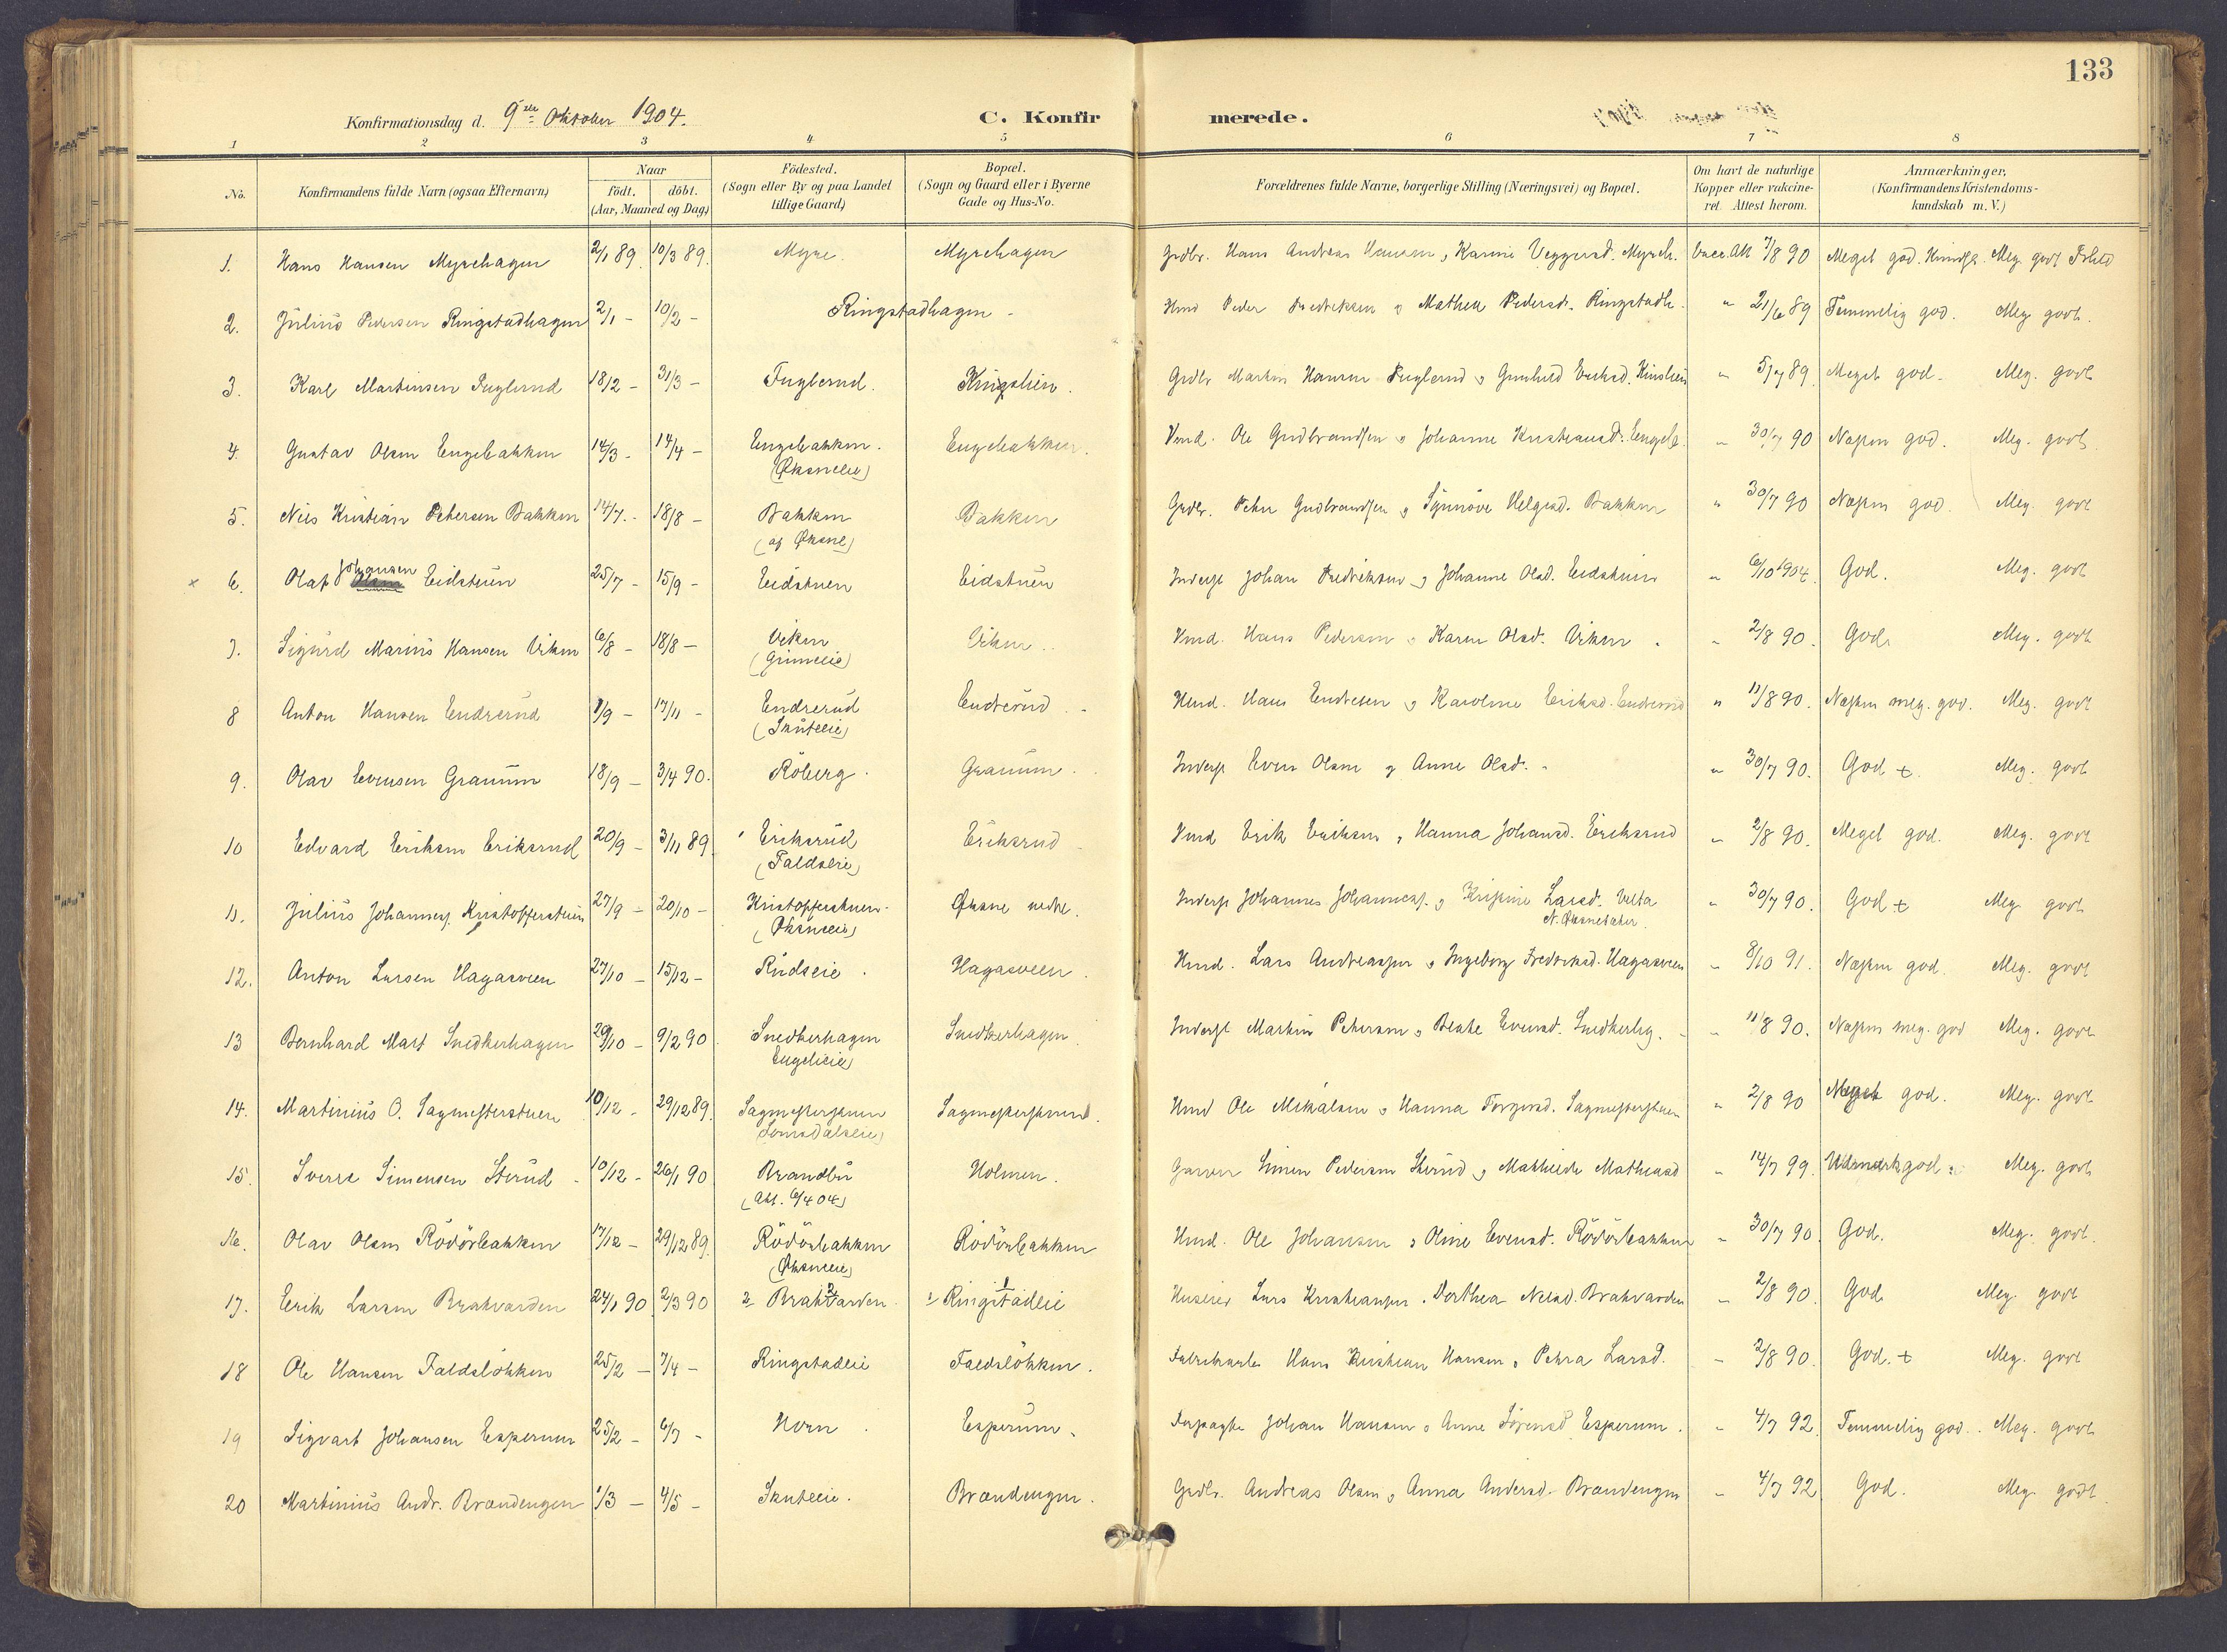 SAH, Søndre Land prestekontor, K/L0006: Parish register (official) no. 6, 1895-1904, p. 133